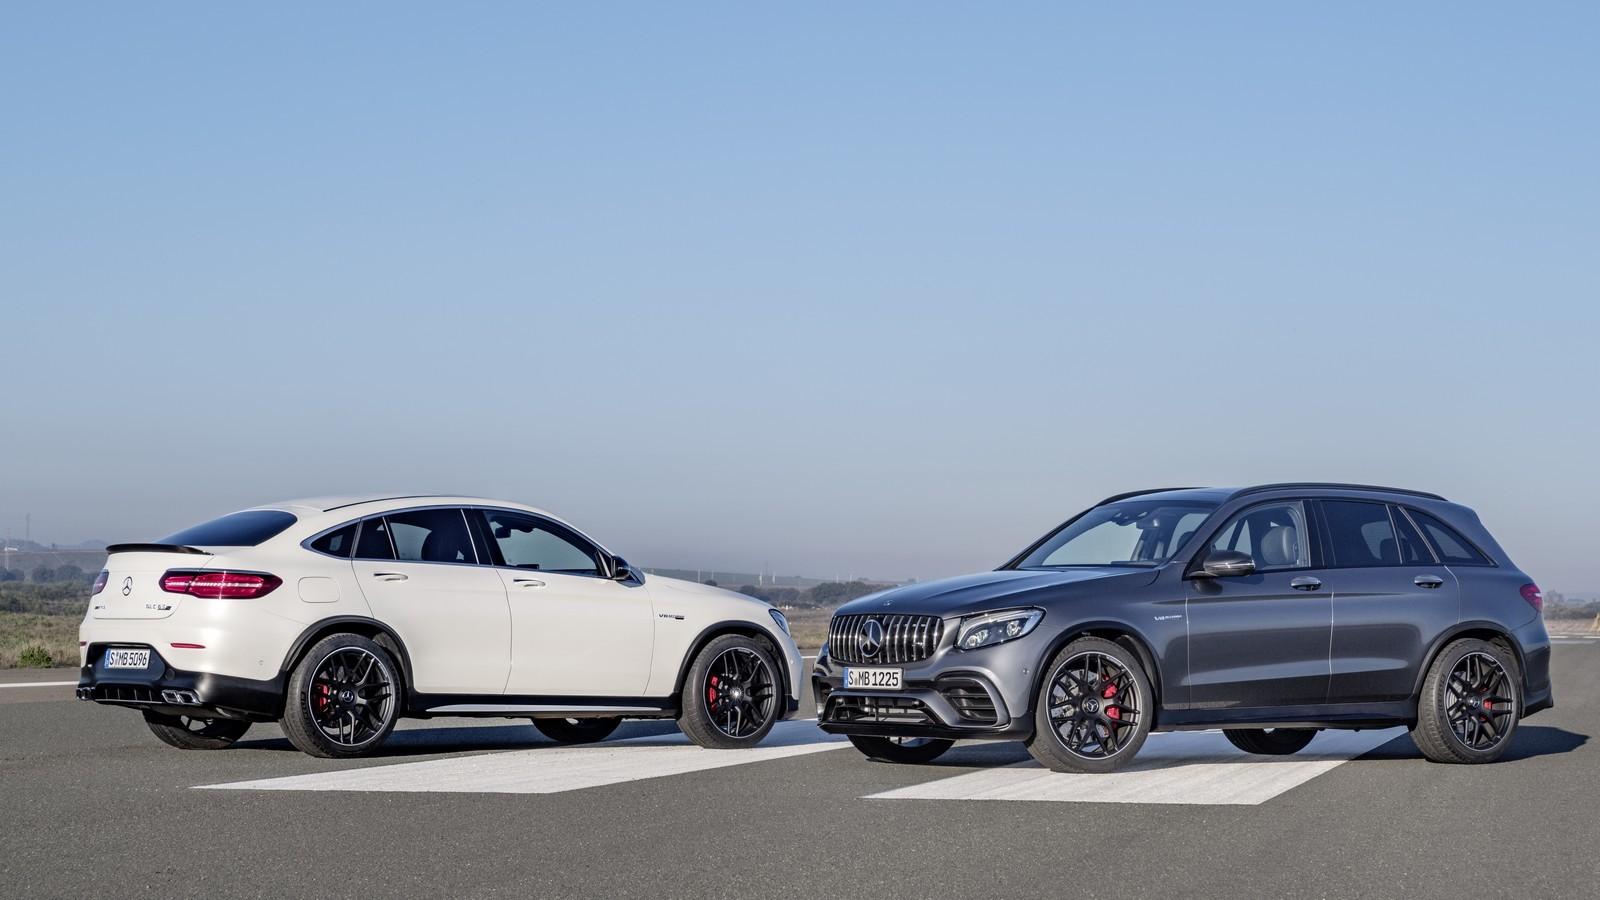 ВГермании были названы цены накроссоверы Mercedes-AMG GLC